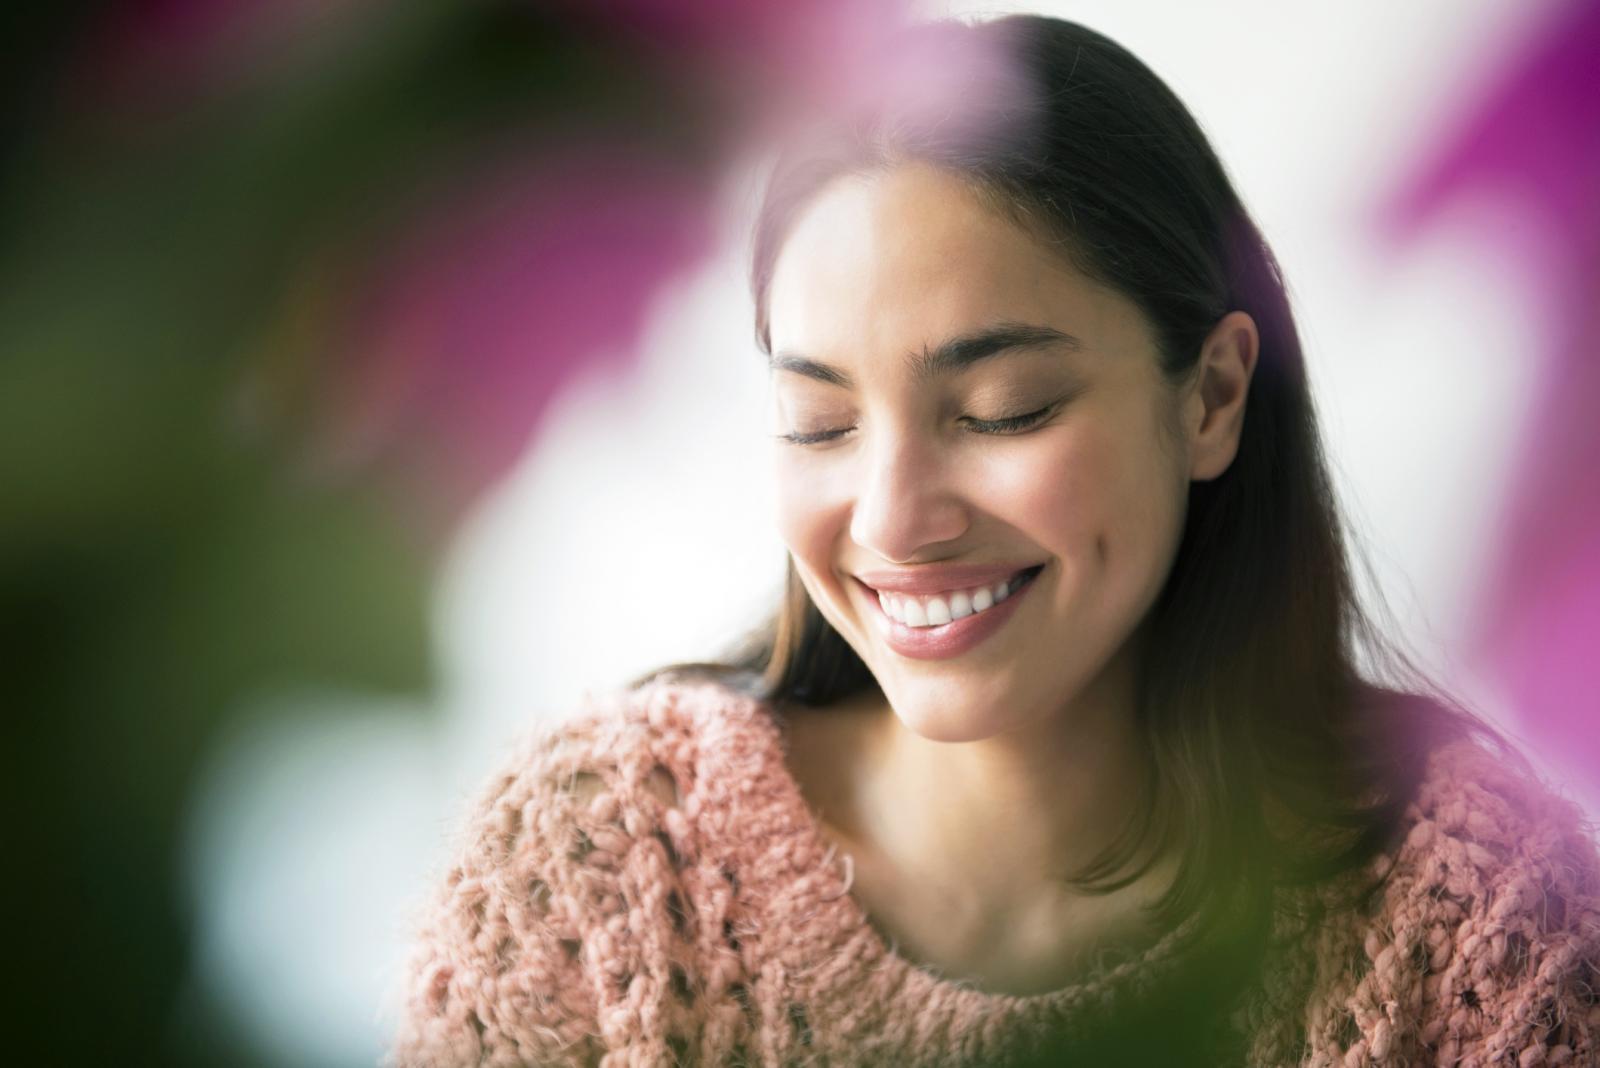 Mujer coqueta detras de flores rosas